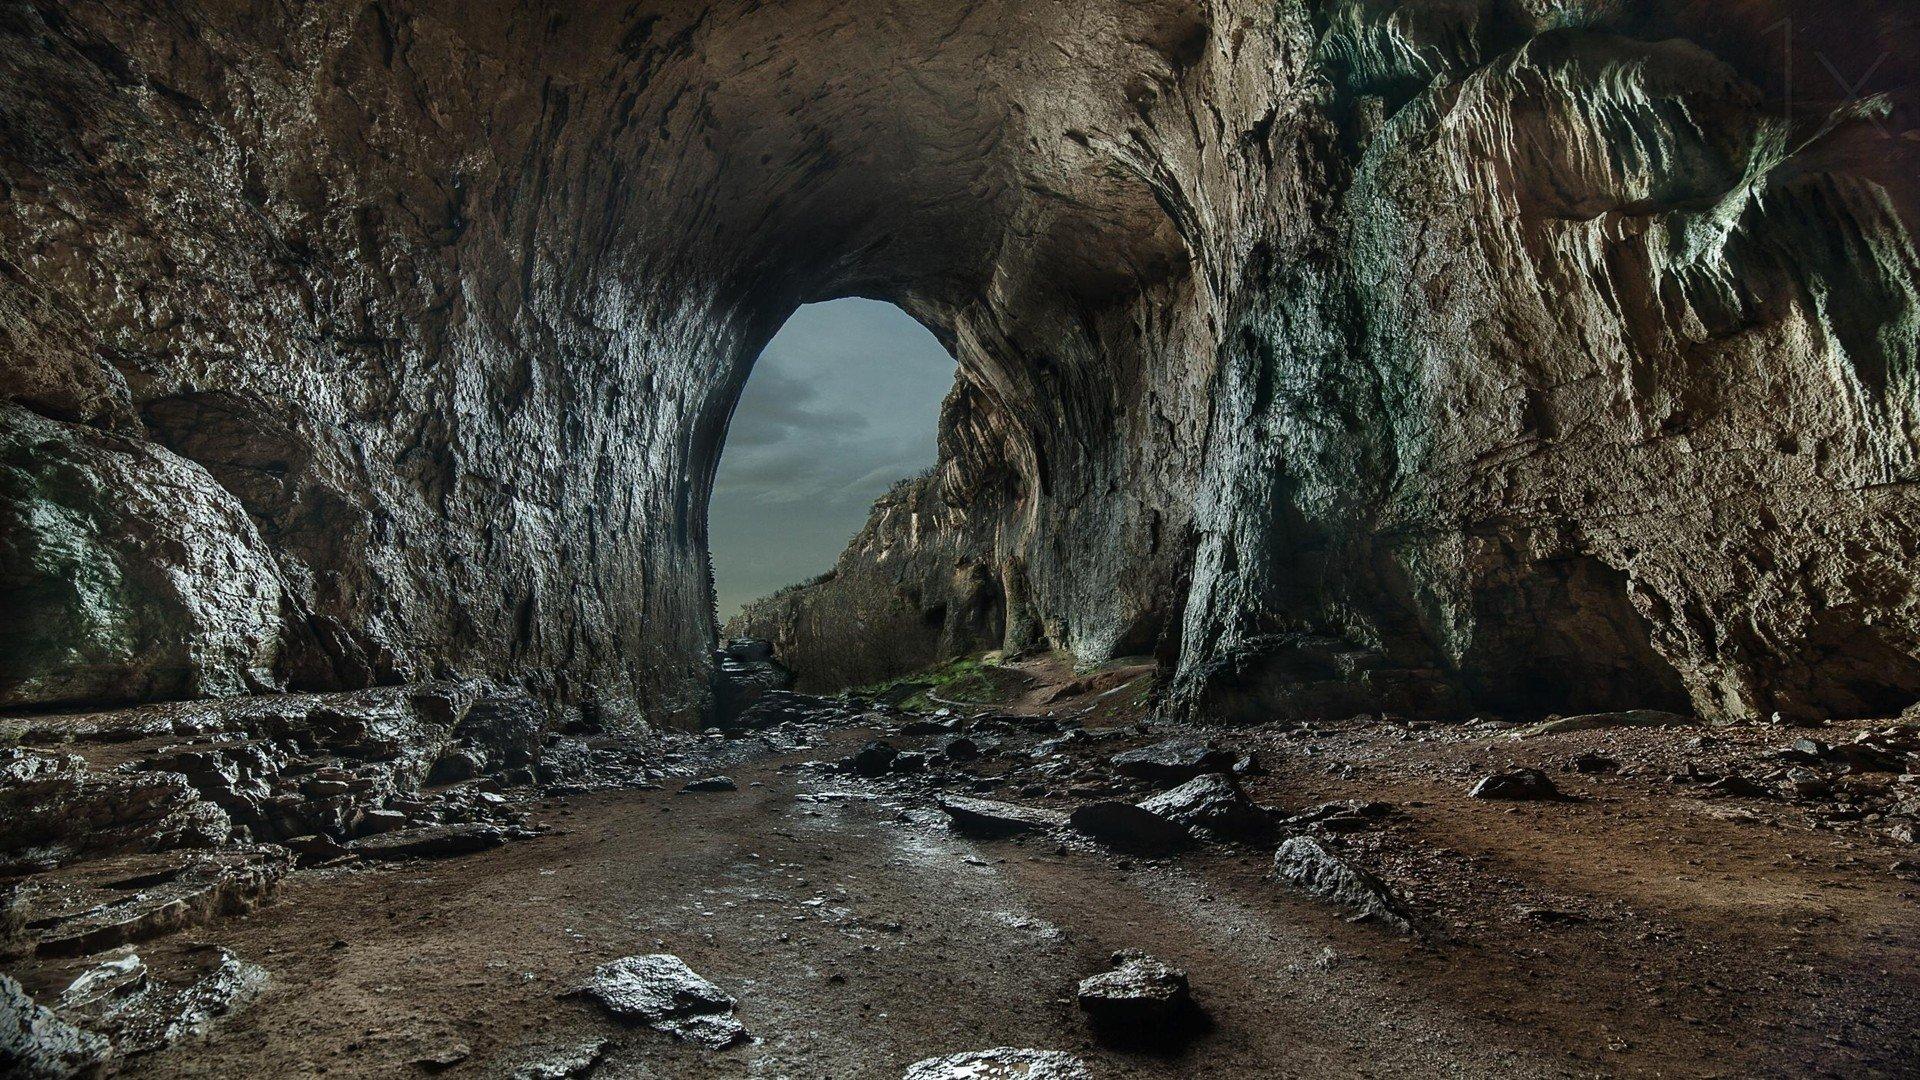 Beautiful Caves Wallpaper - WallpaperSafari